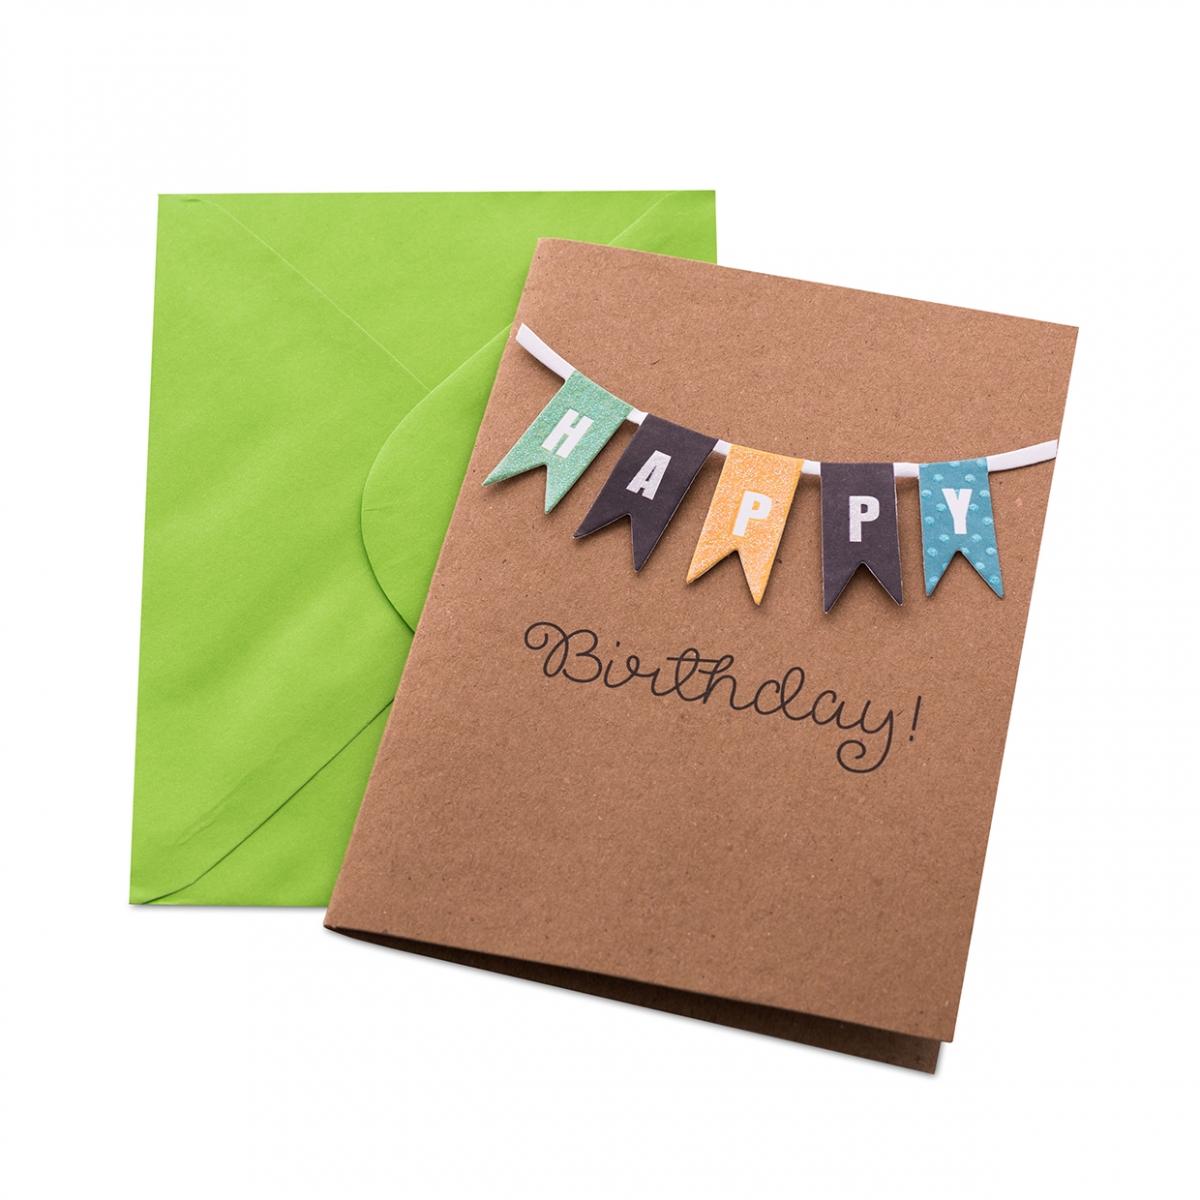 Imagen en la que se ve una postal de felicitación de cumpleaños